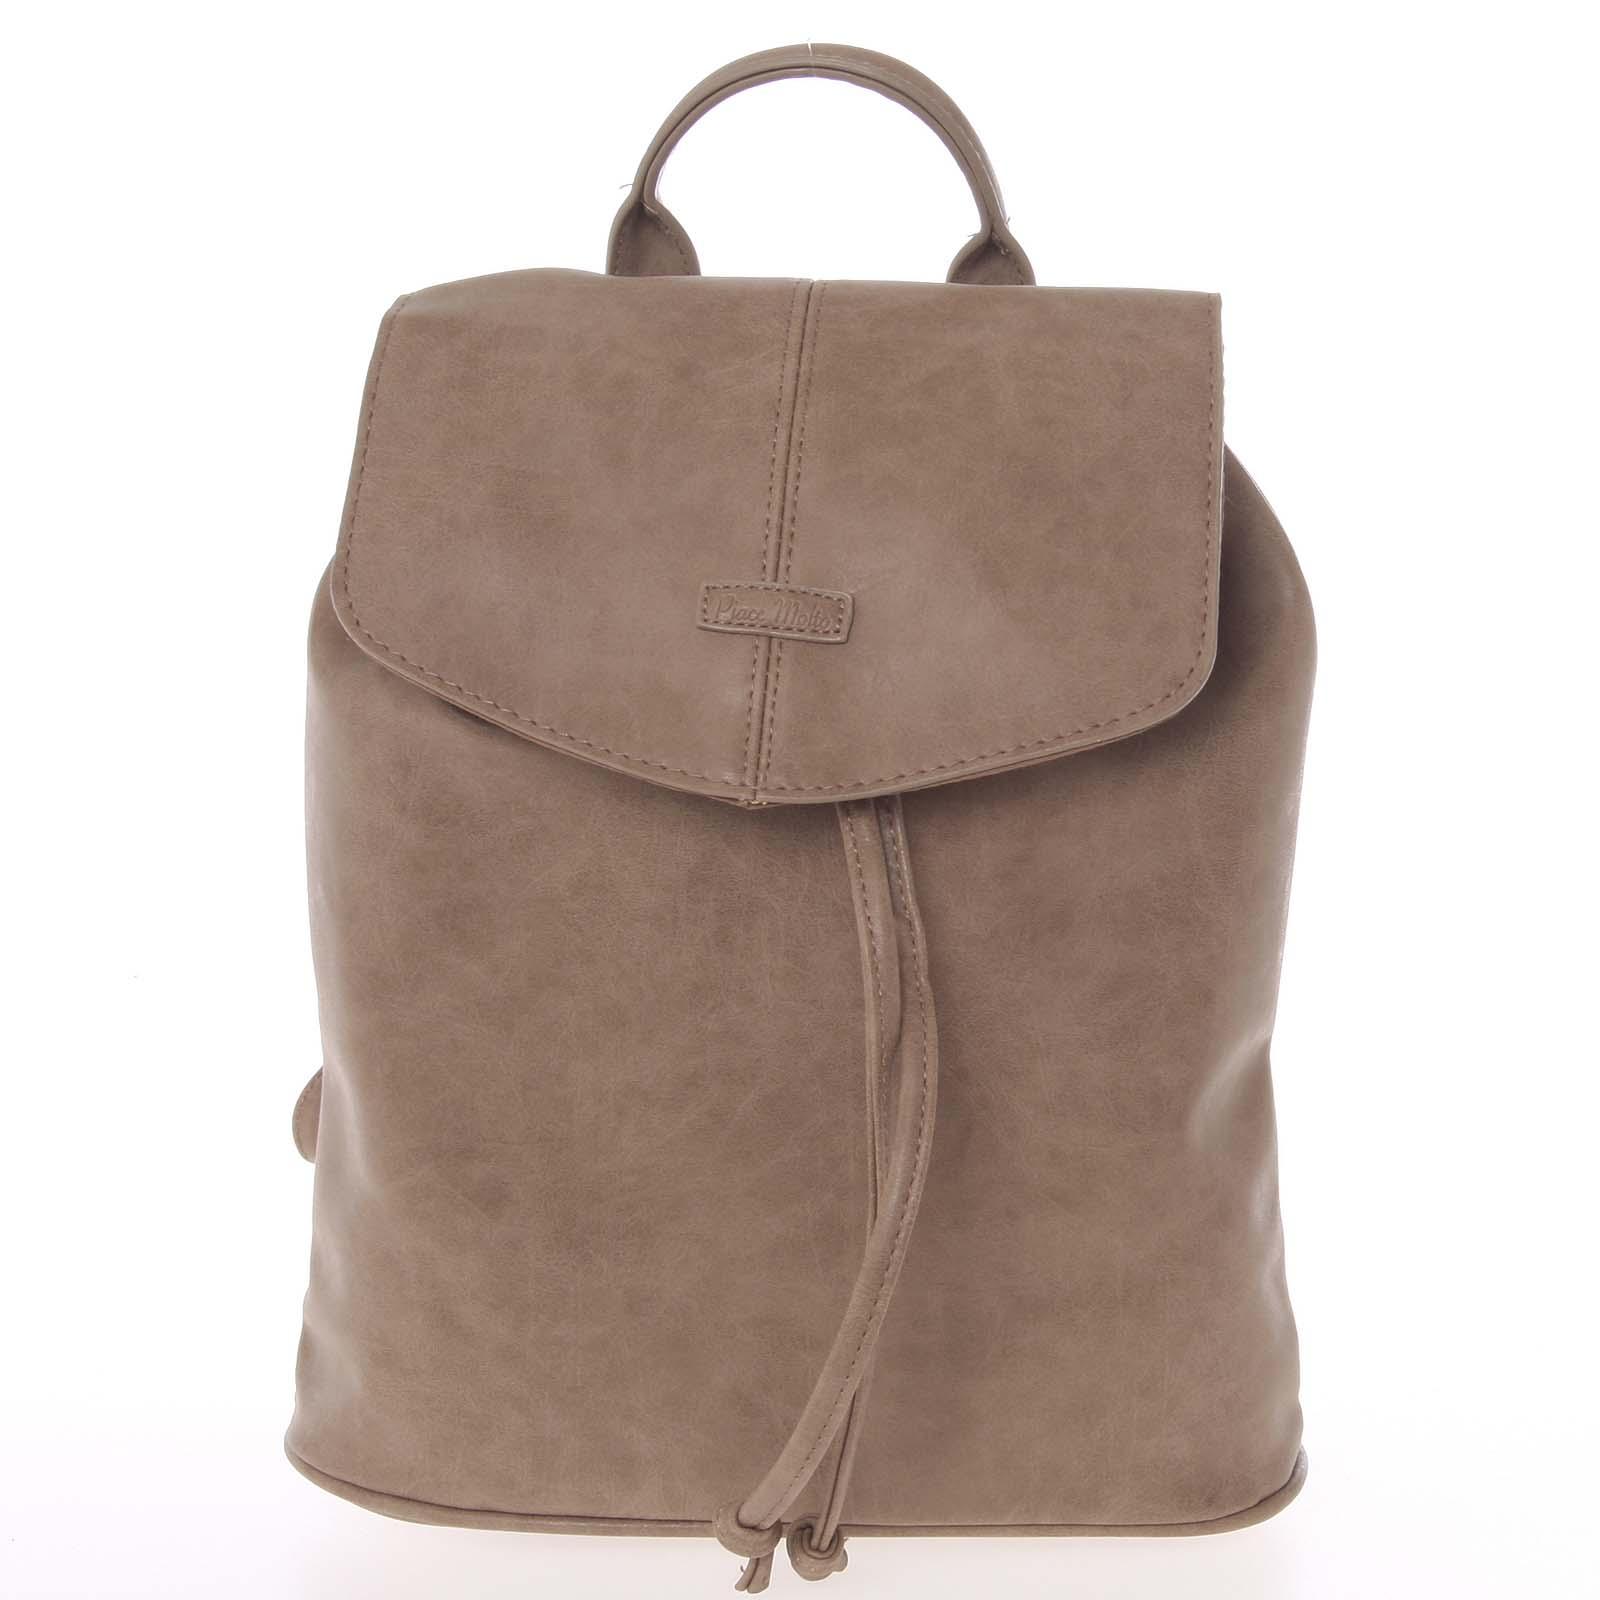 Kvalitní elegantní dámský taupe batůžek - Piace Molto Floriant